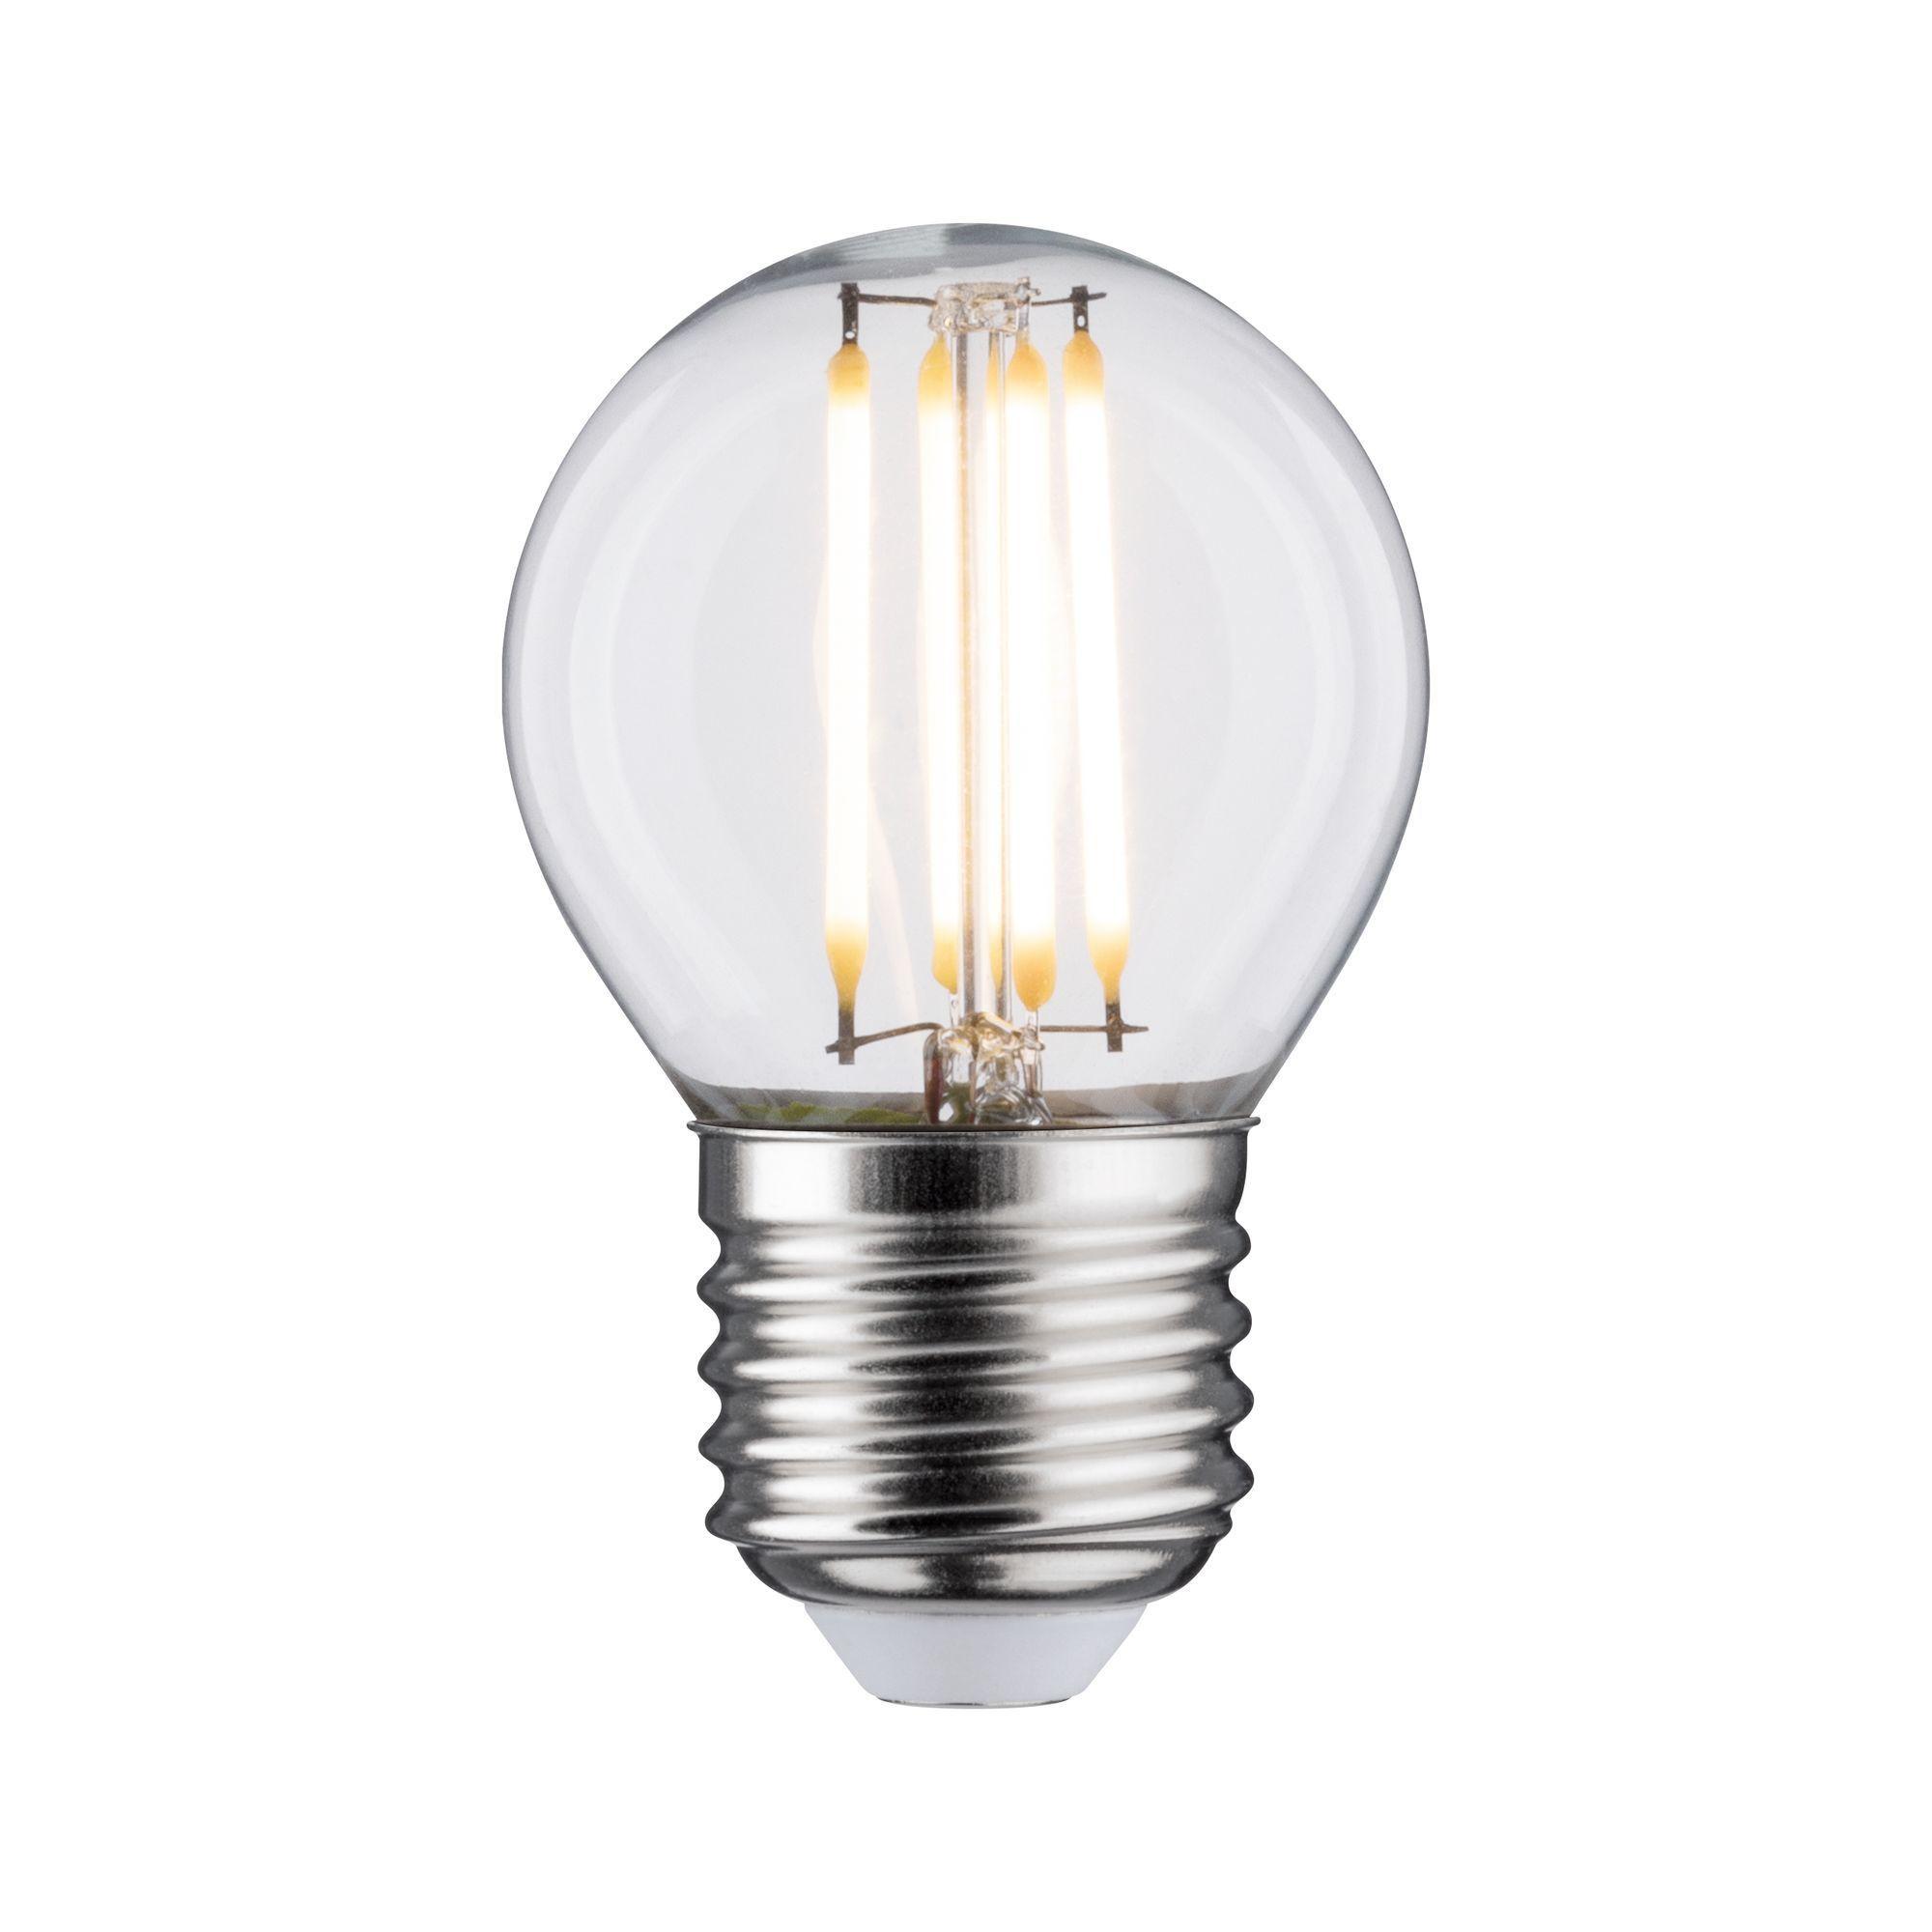 Paulmann LED Fil Tropfen 470lm E27 2700K klar 5W 230V (28633)